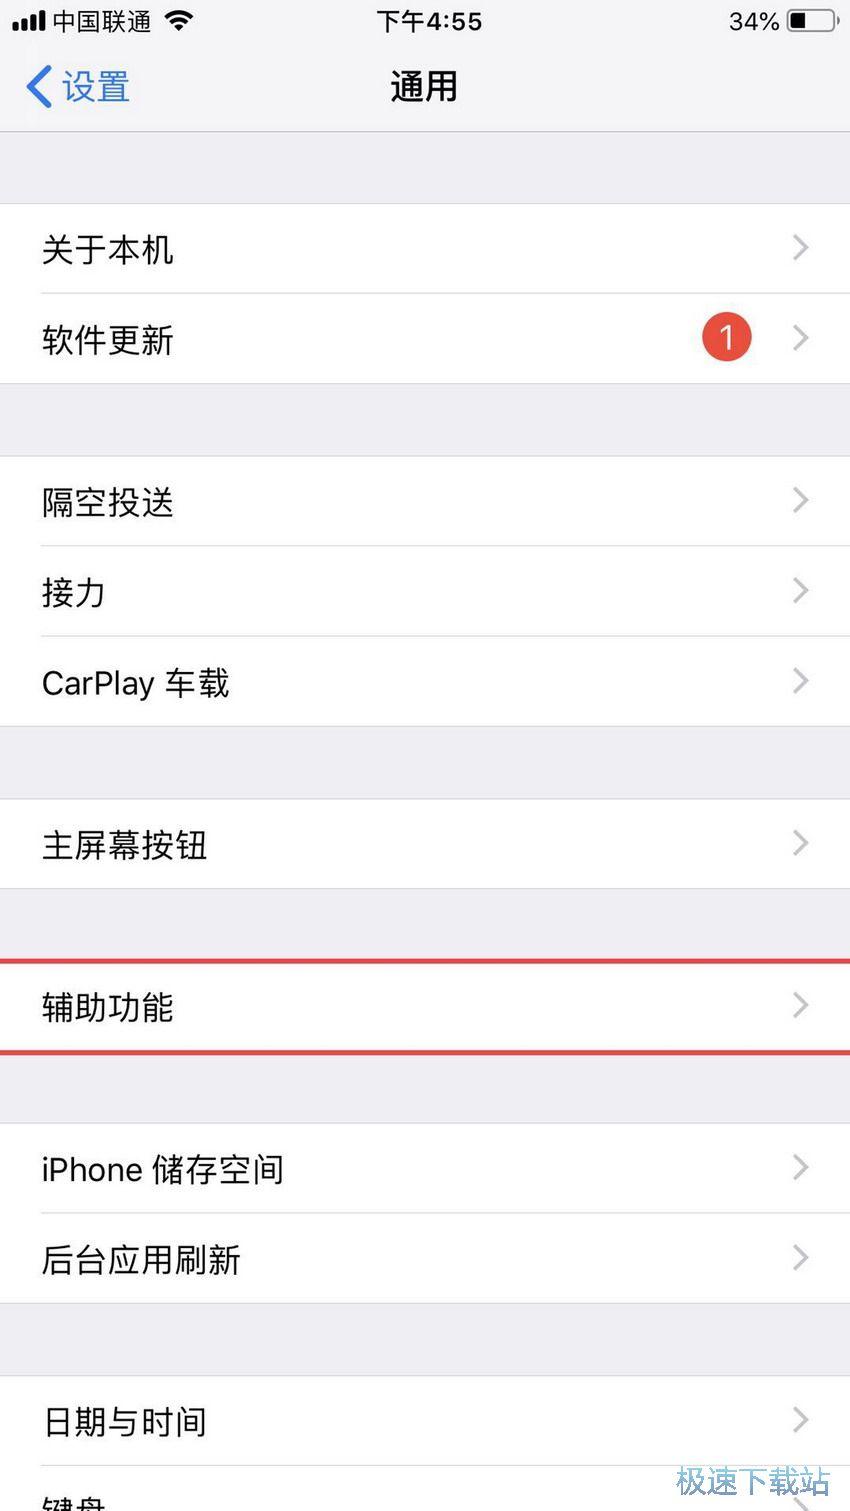 图:iPhone游戏模式